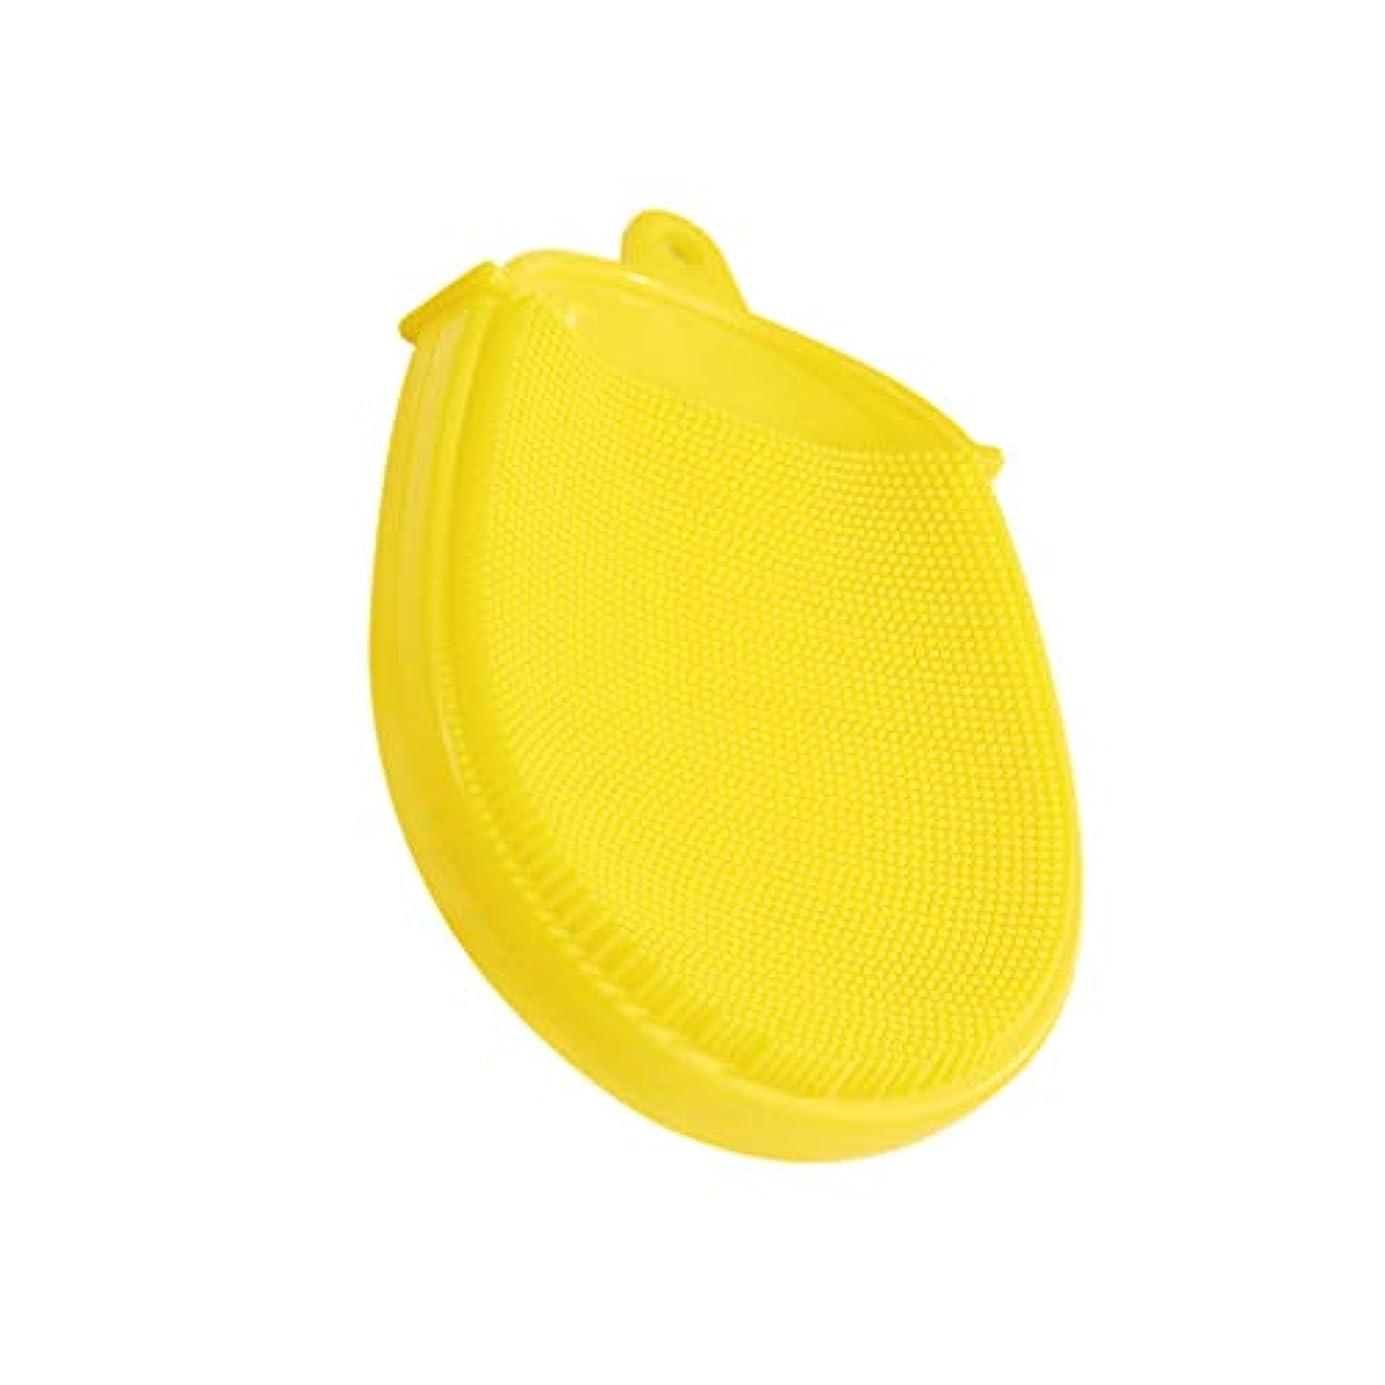 そっと戦闘筋肉のHeallily バスブラシシリコンボディブラシソフトマッサージバックブラシクレンジングスクラバーキッズバスアクセサリー(黄色)